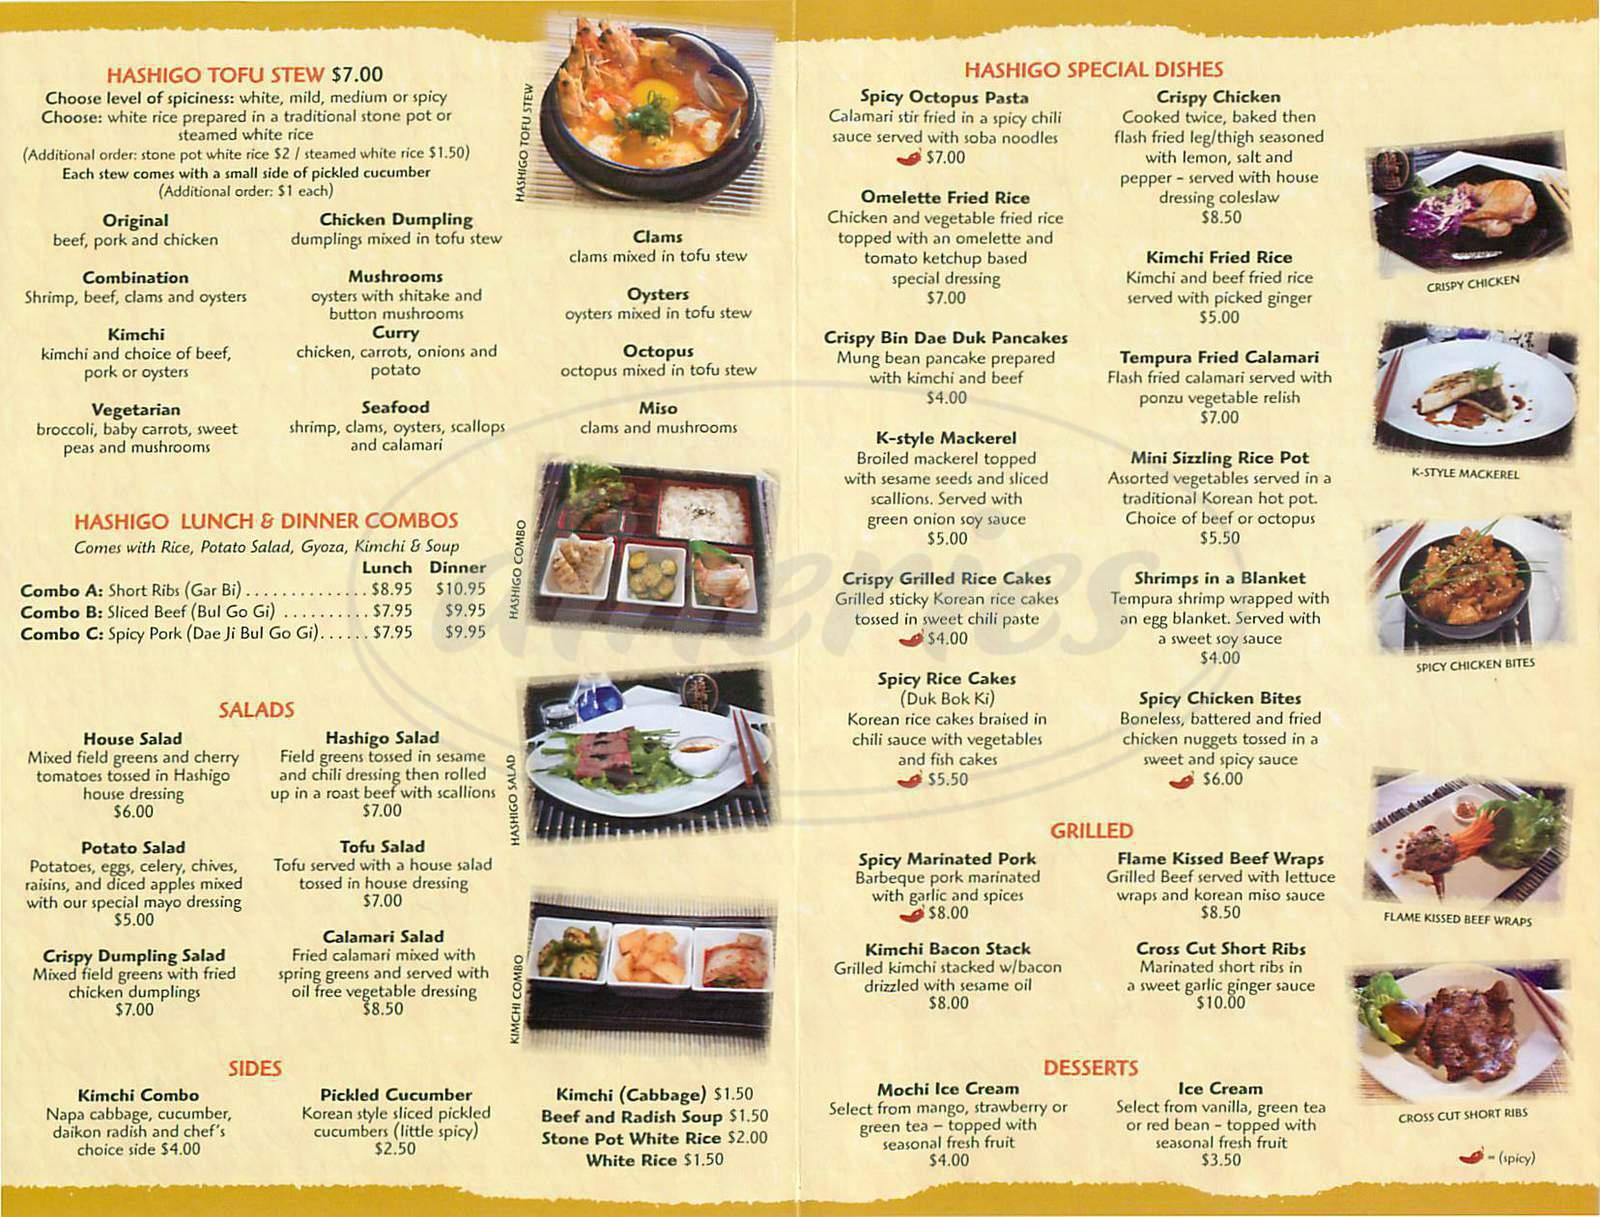 menu for Hashigo Tofu